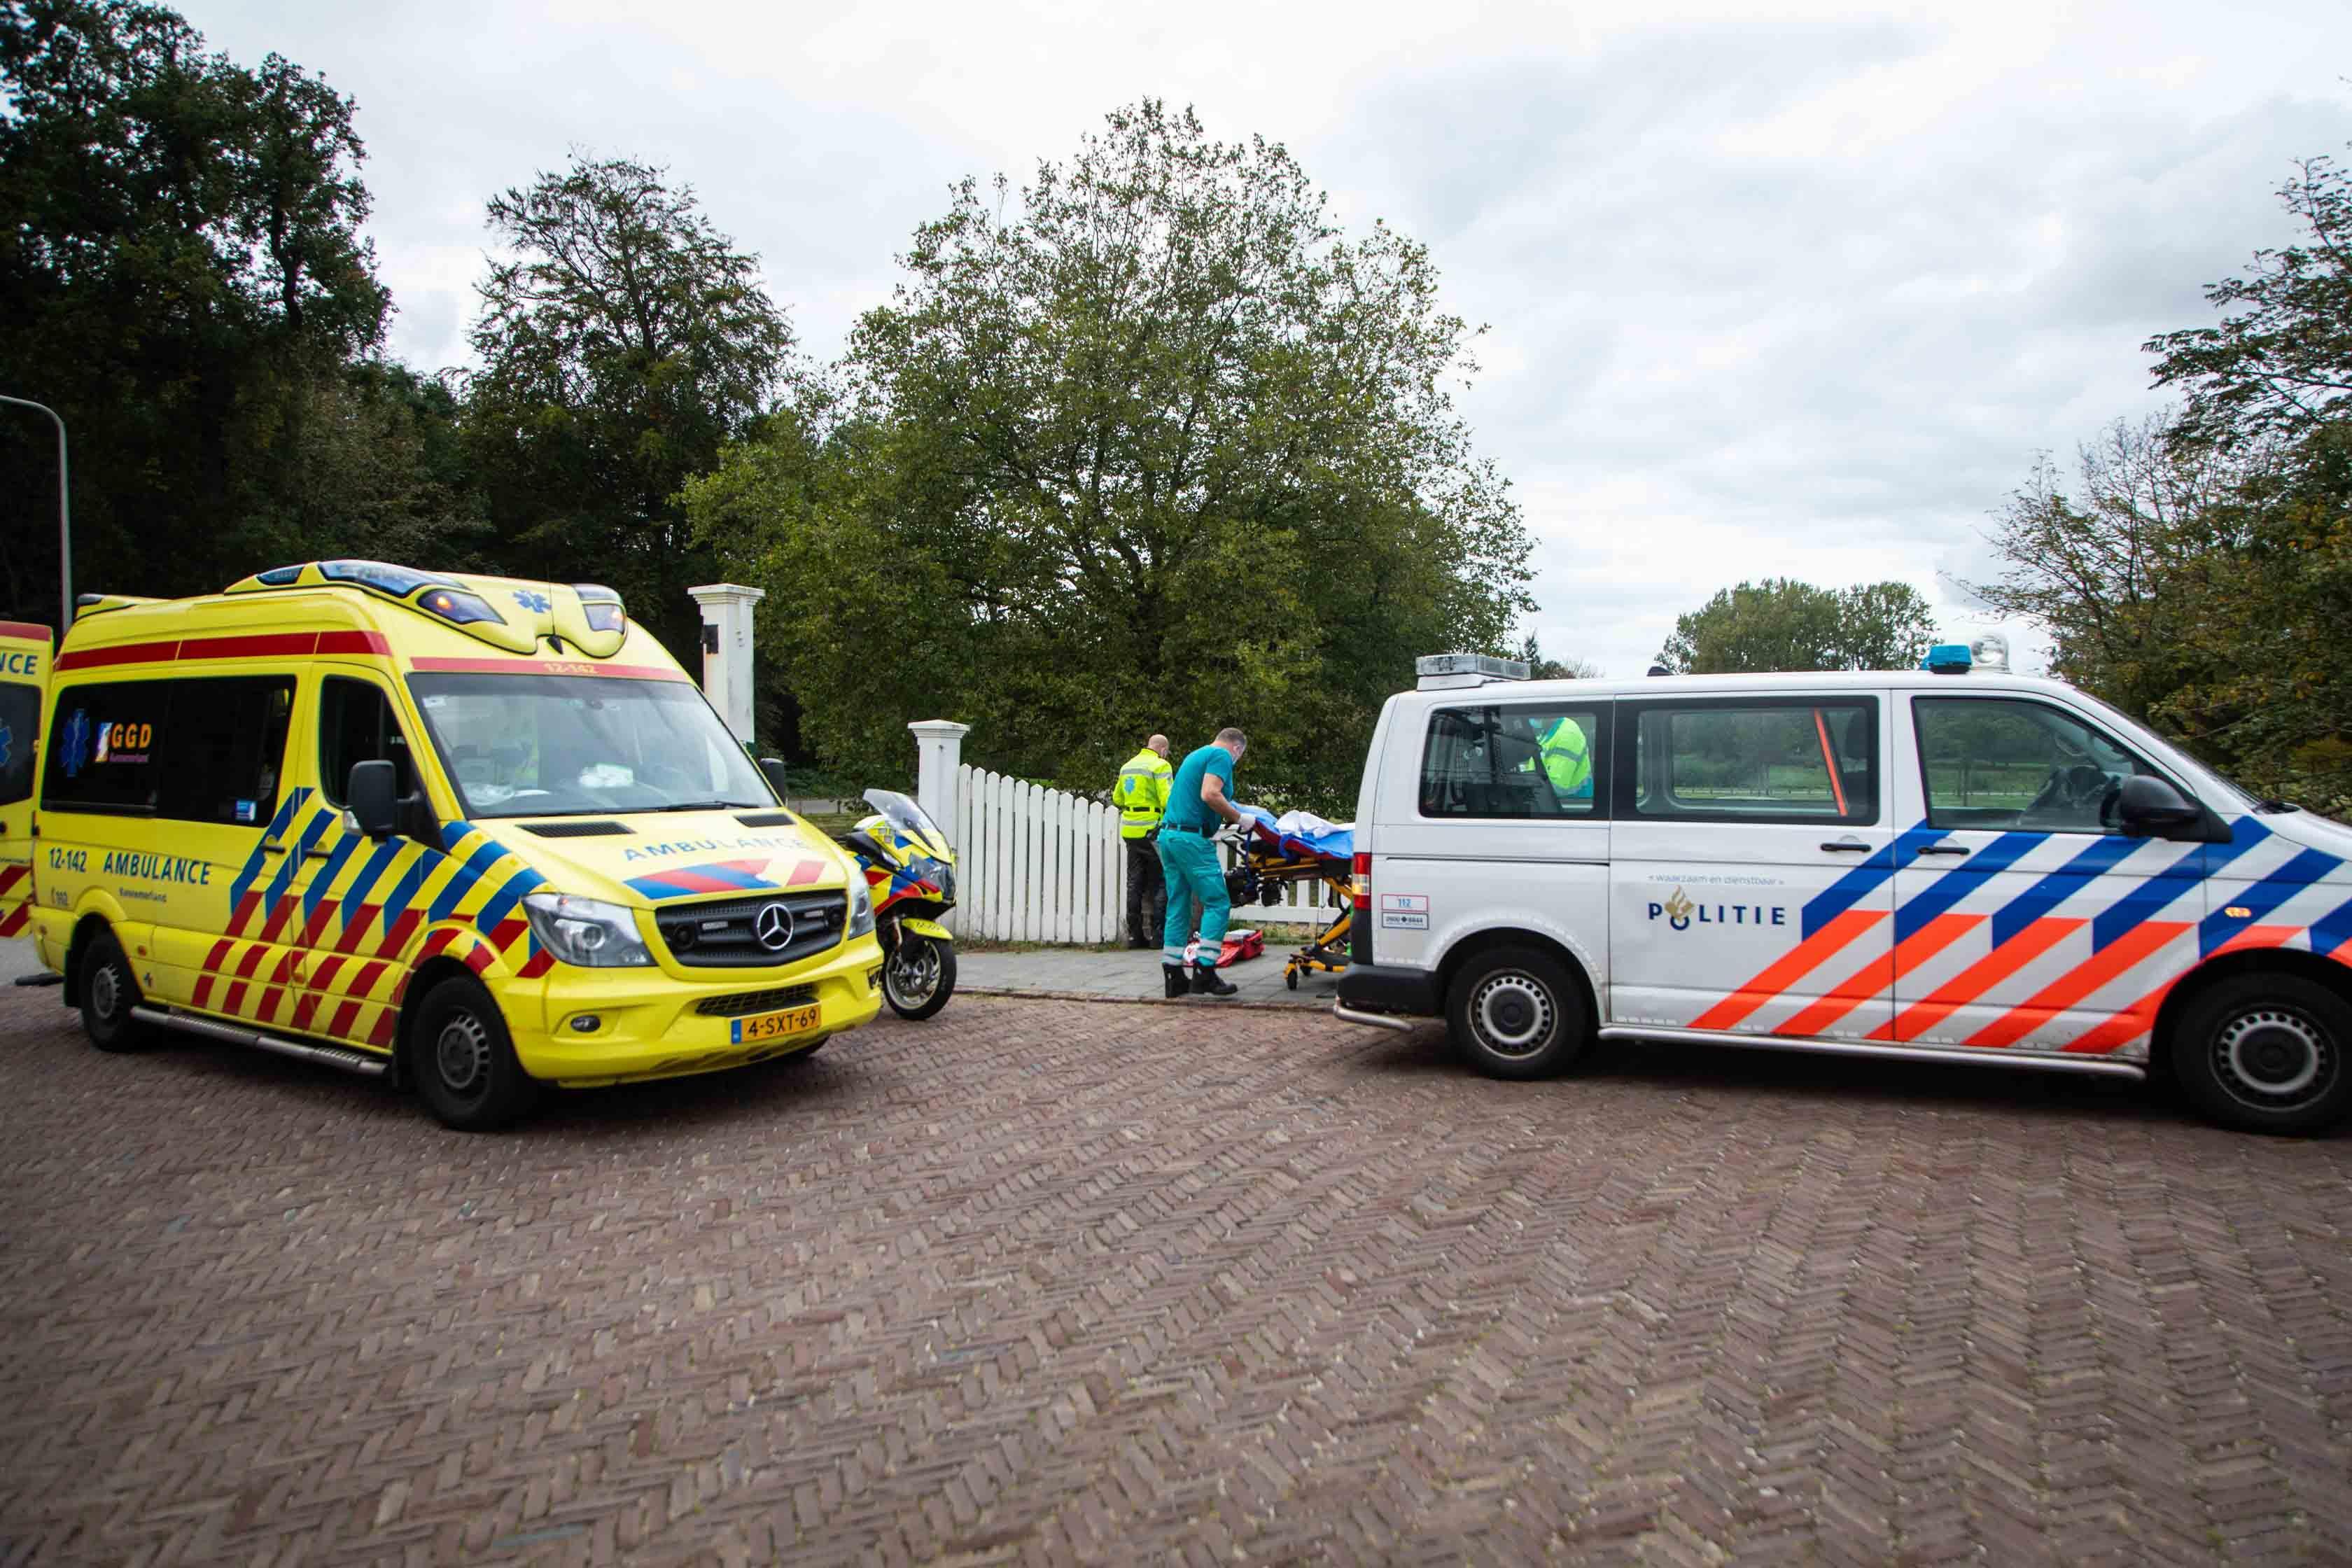 Voetganger gewond bij aanrijding in Heemstede, automobiliste rijdt door